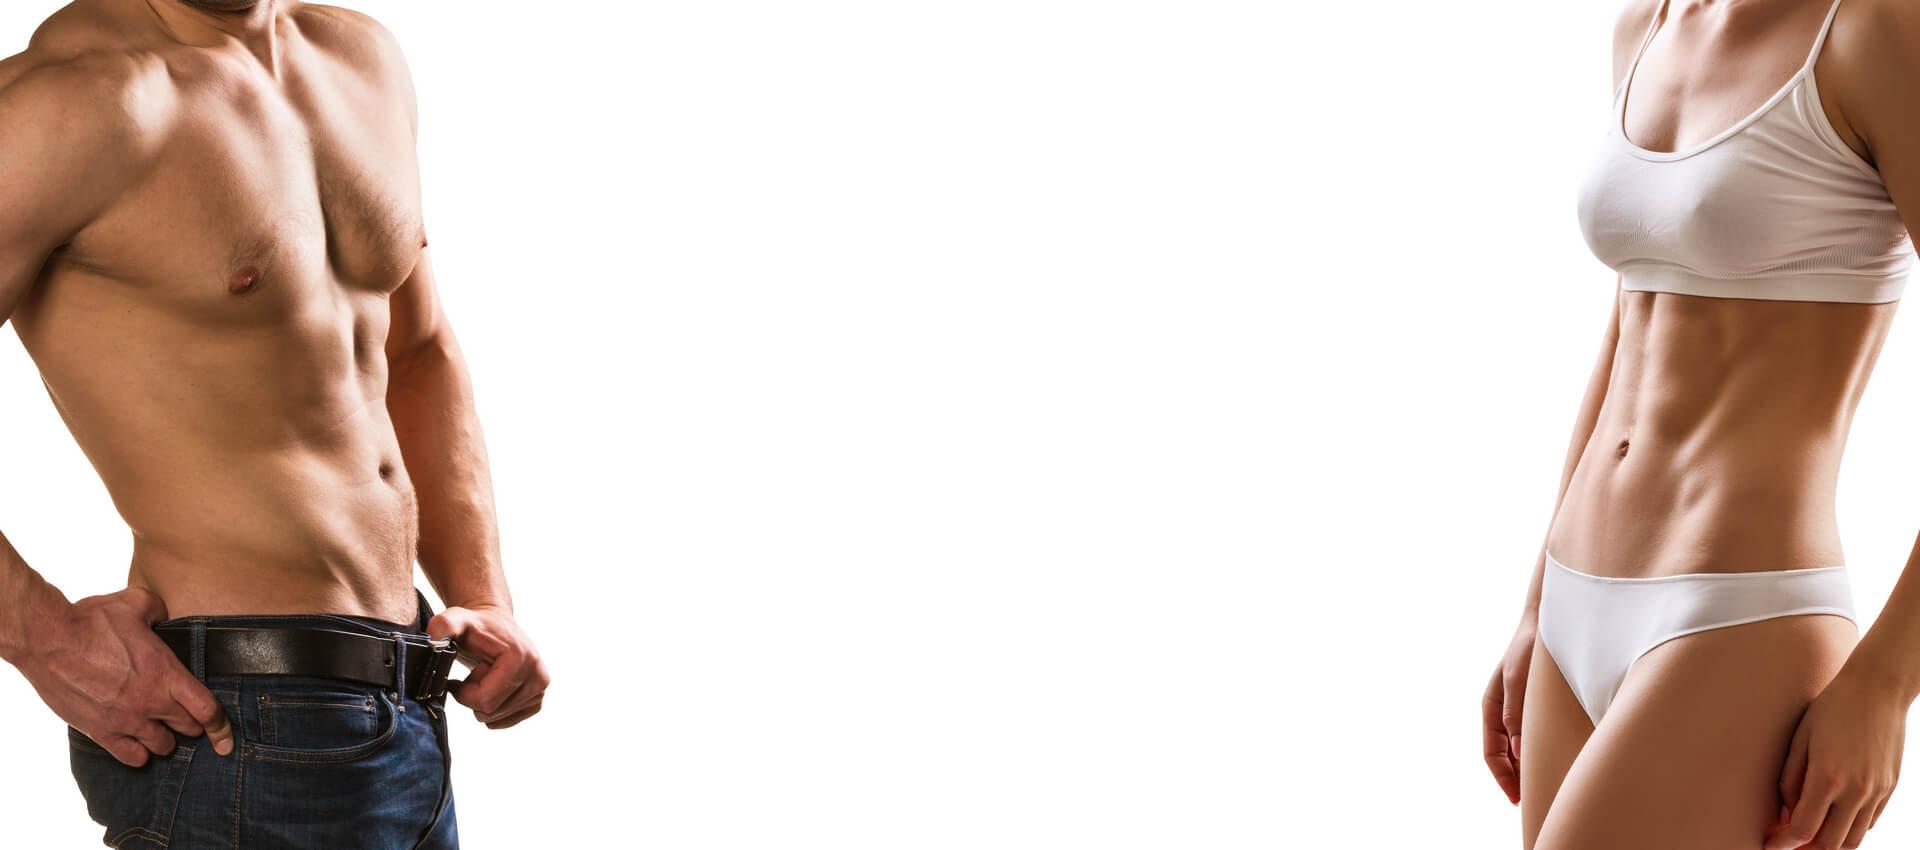 kosmetologia hi-tech warszawa, gabinet kosmetyki estetycznej warszawa, kosmetologia warszawa, medycyna estetyczna warszawa, www.studionefretete.pl